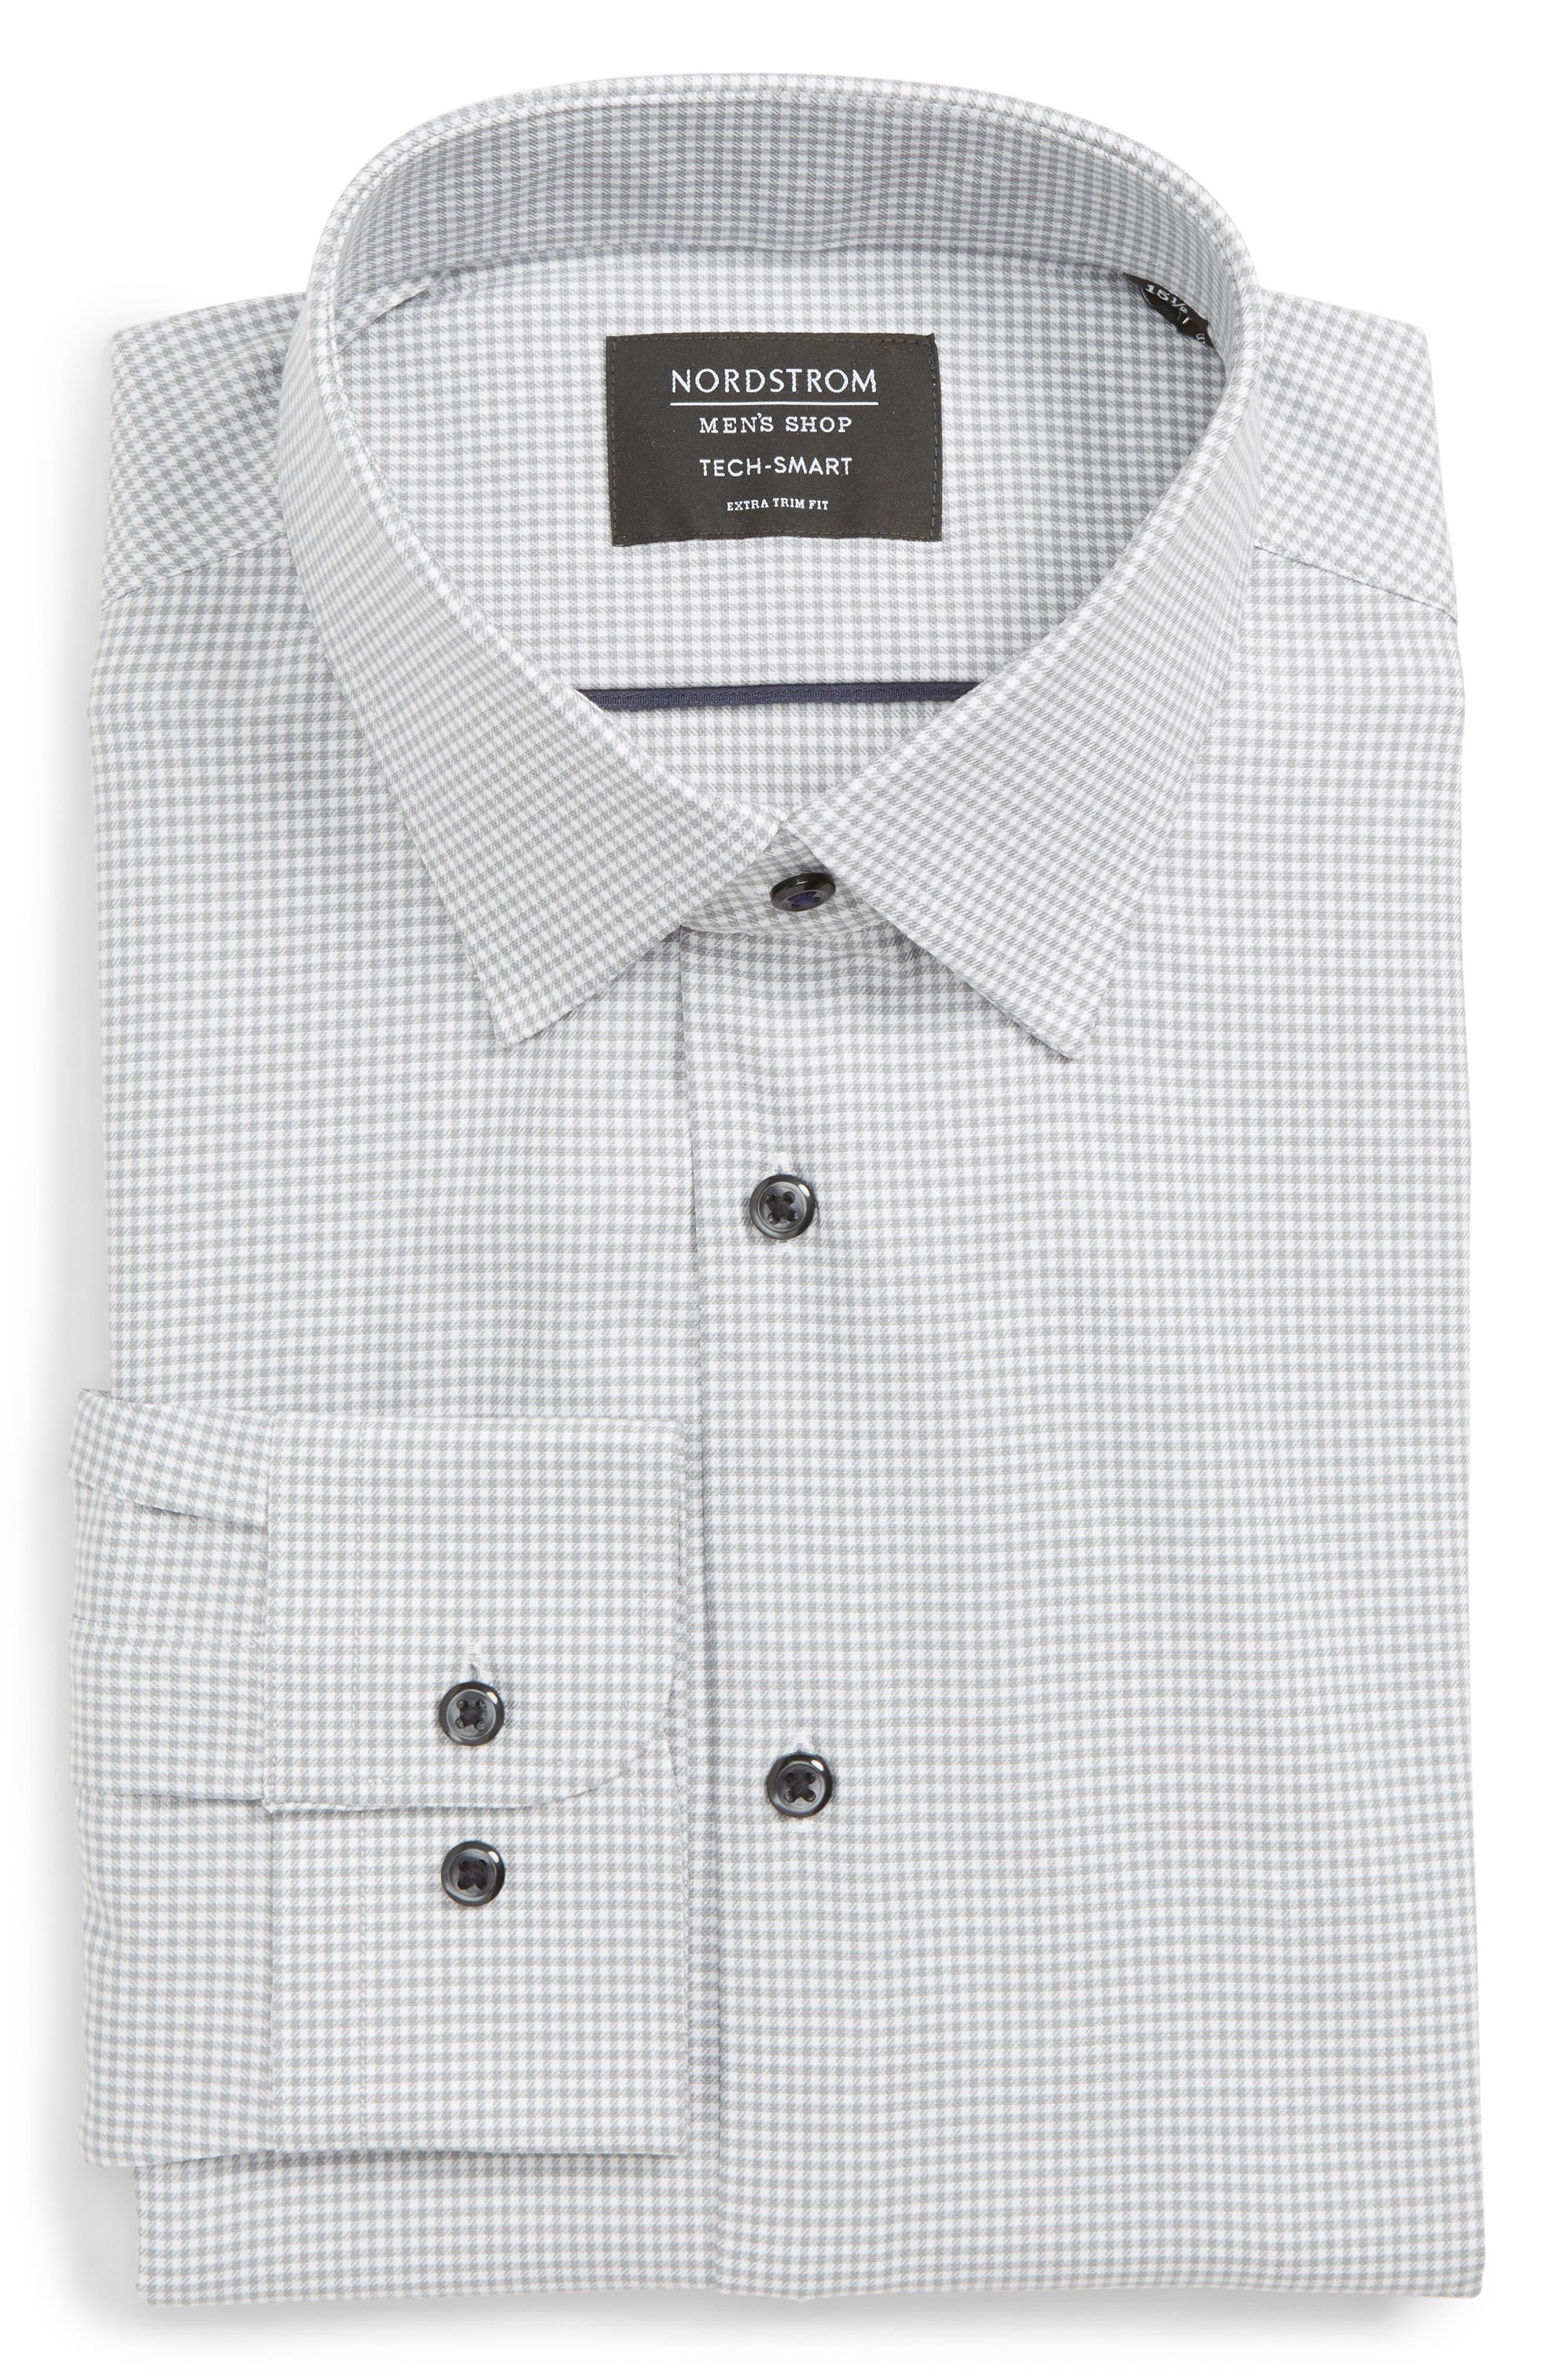 Tech-Smart Extra Trim Fit Stretch Check Dress Shirt,                         Main,                         color, GREY SLEET